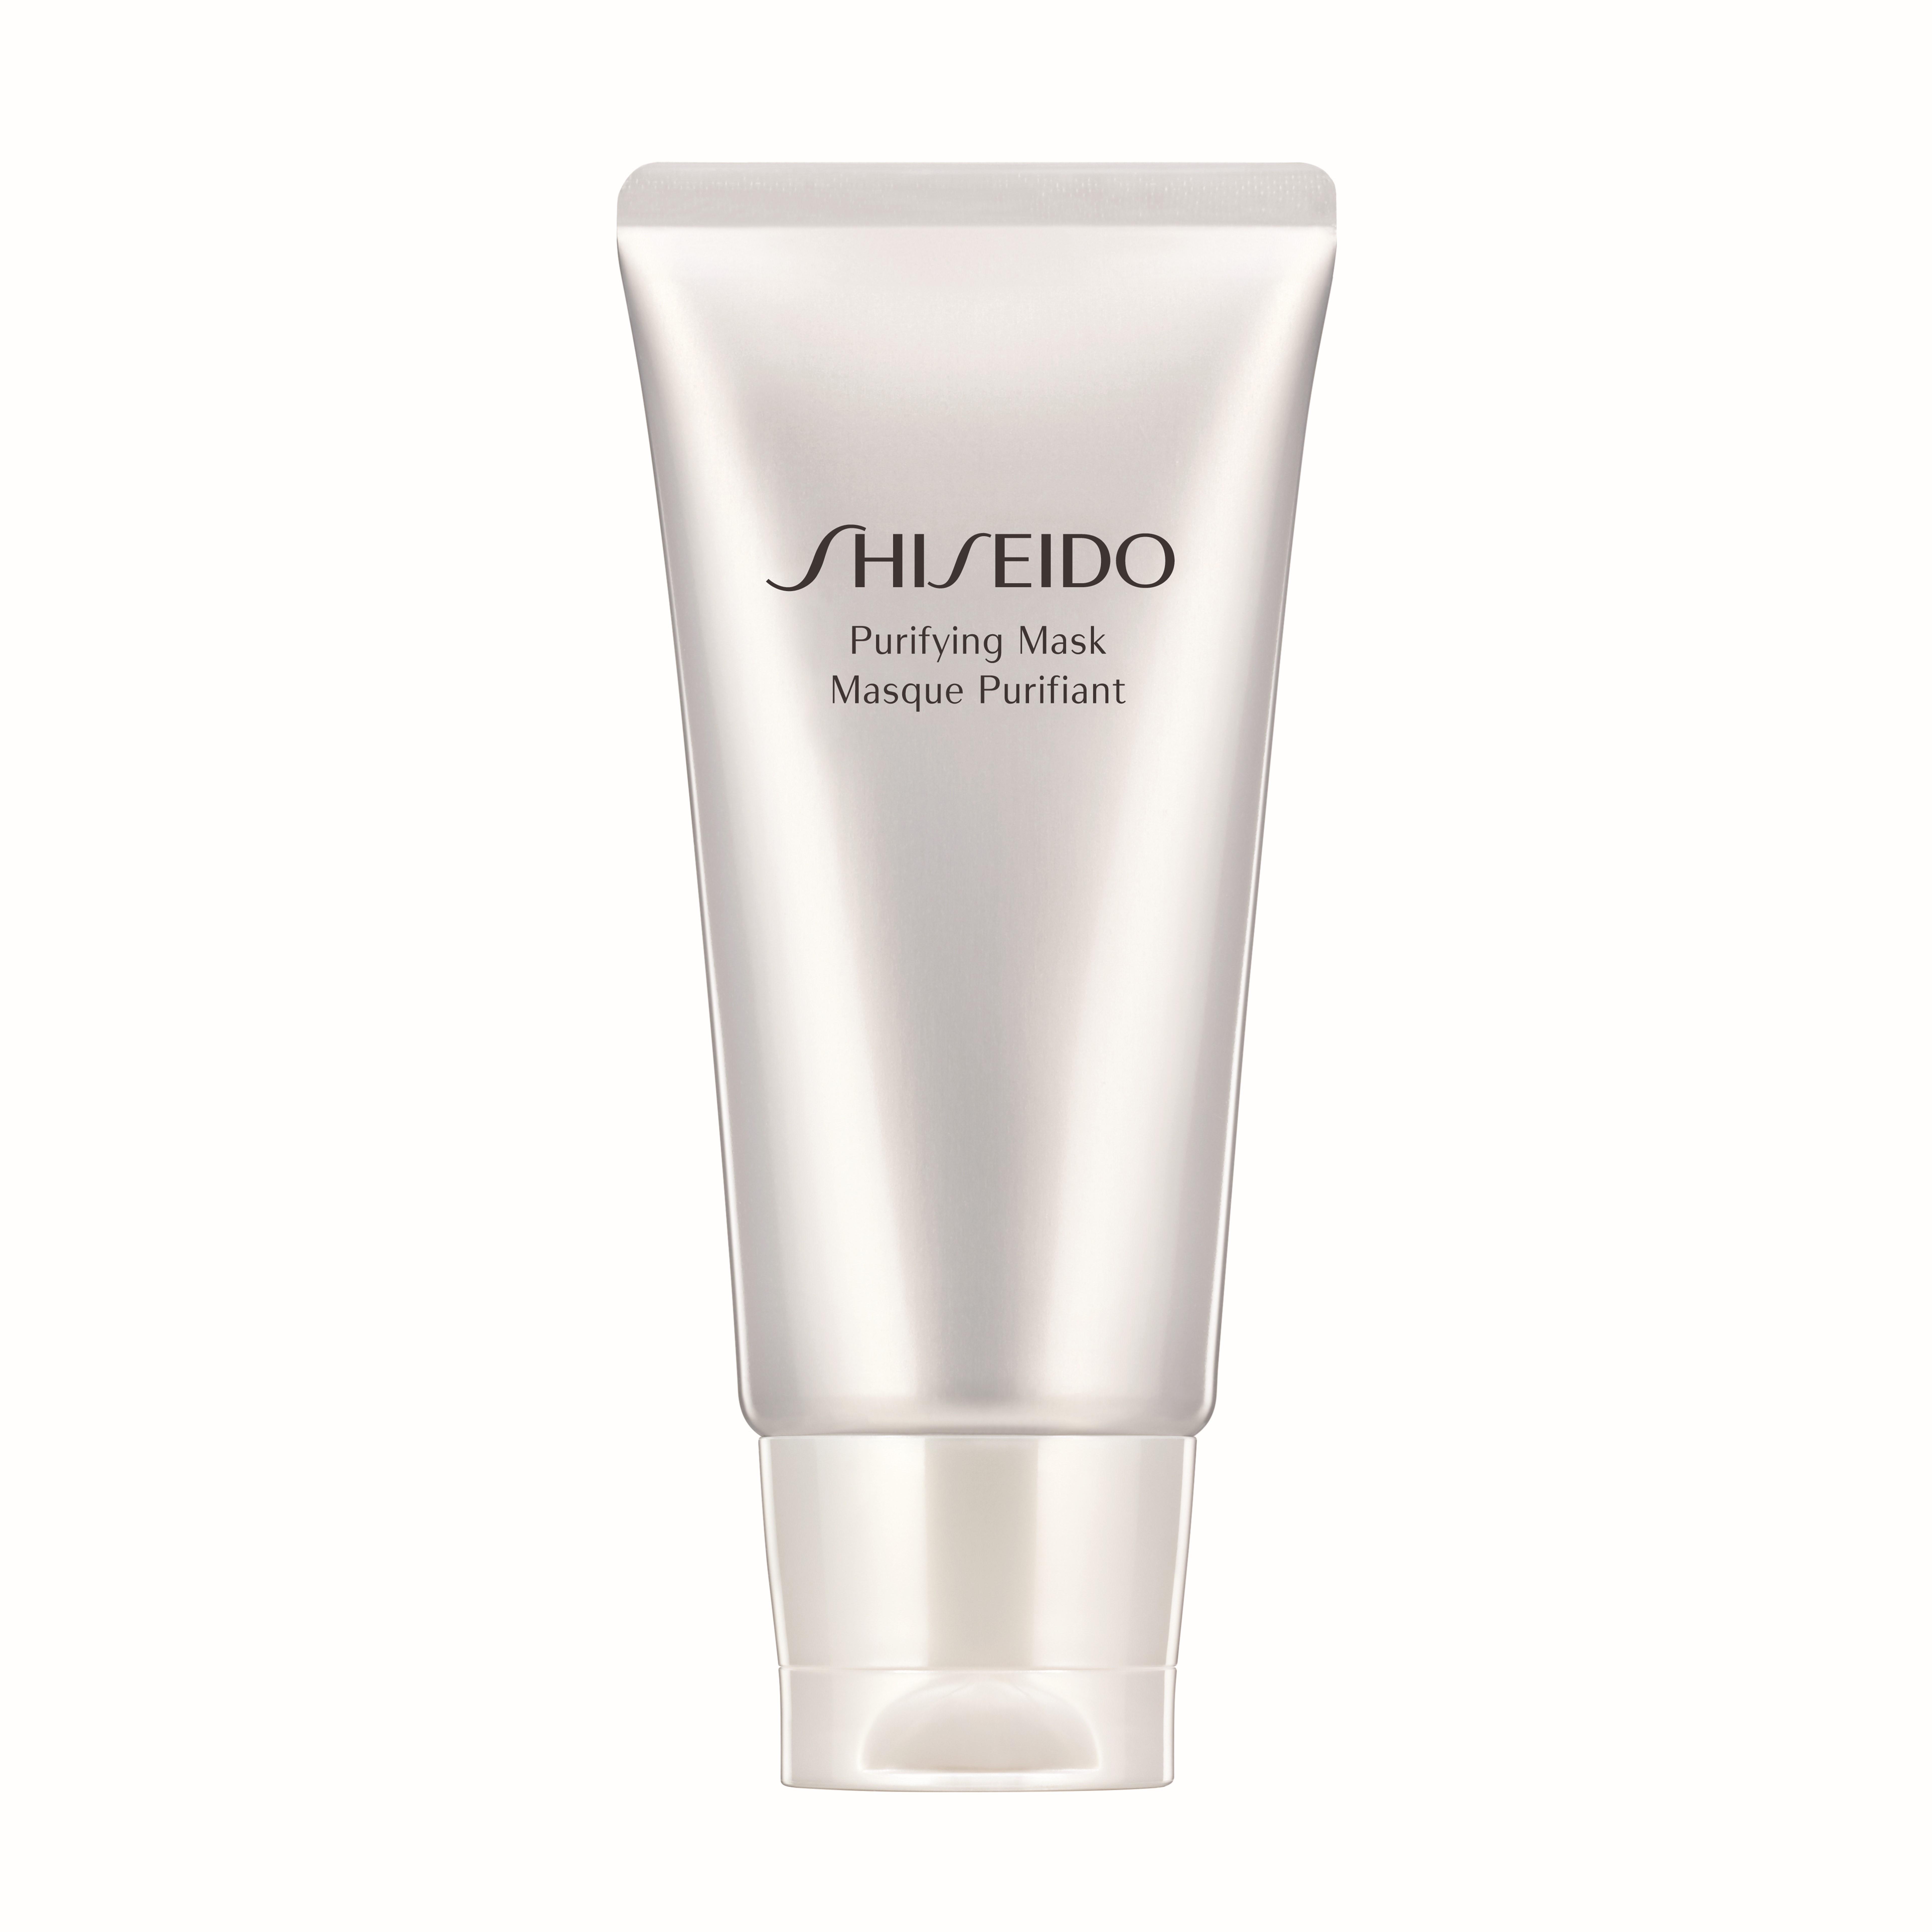 Shiseido Purifying Mask, 3.2 oz.